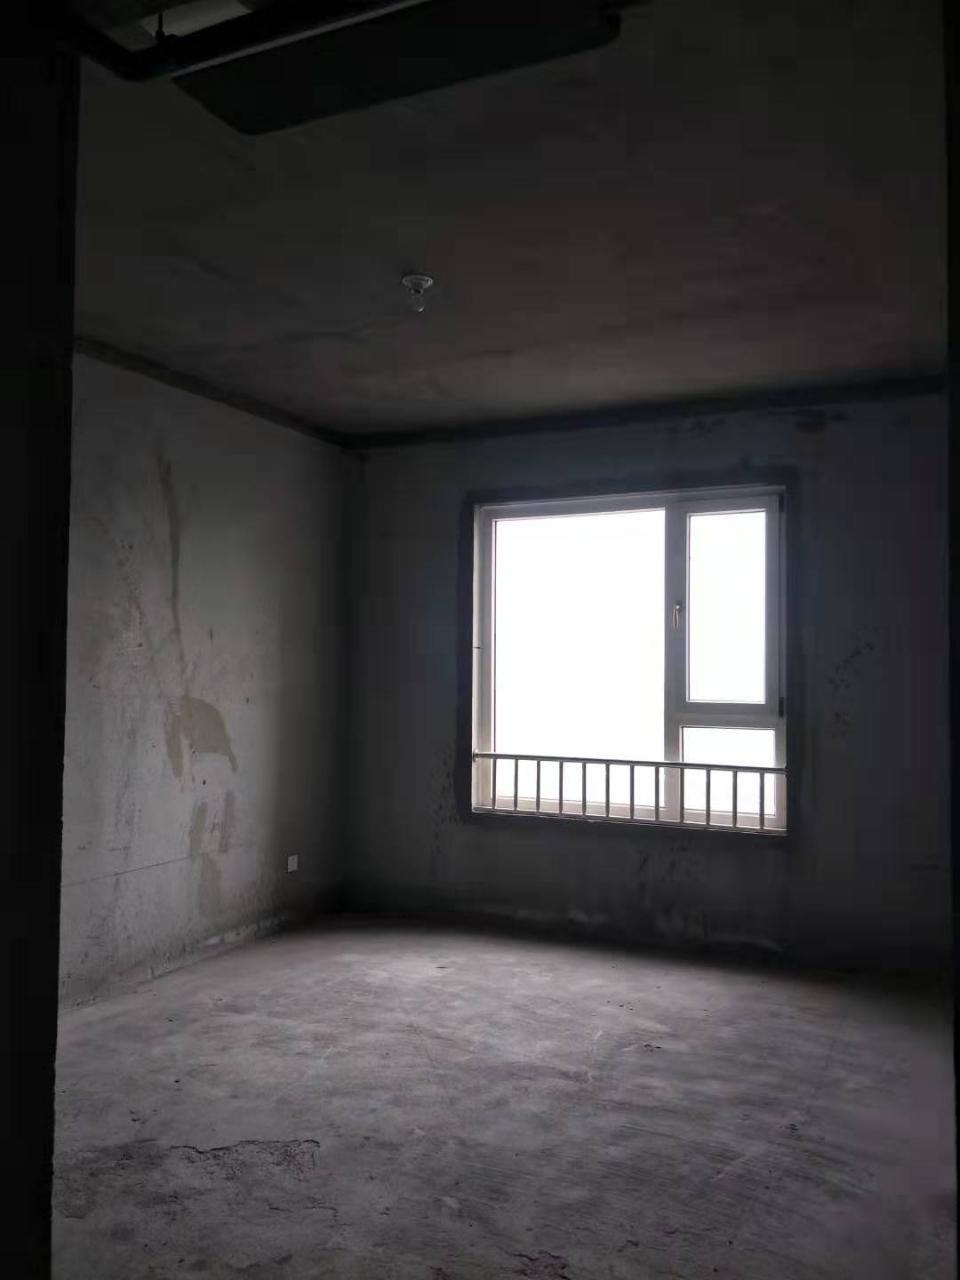 新上房源大三室南北通透走路2分钟到学校